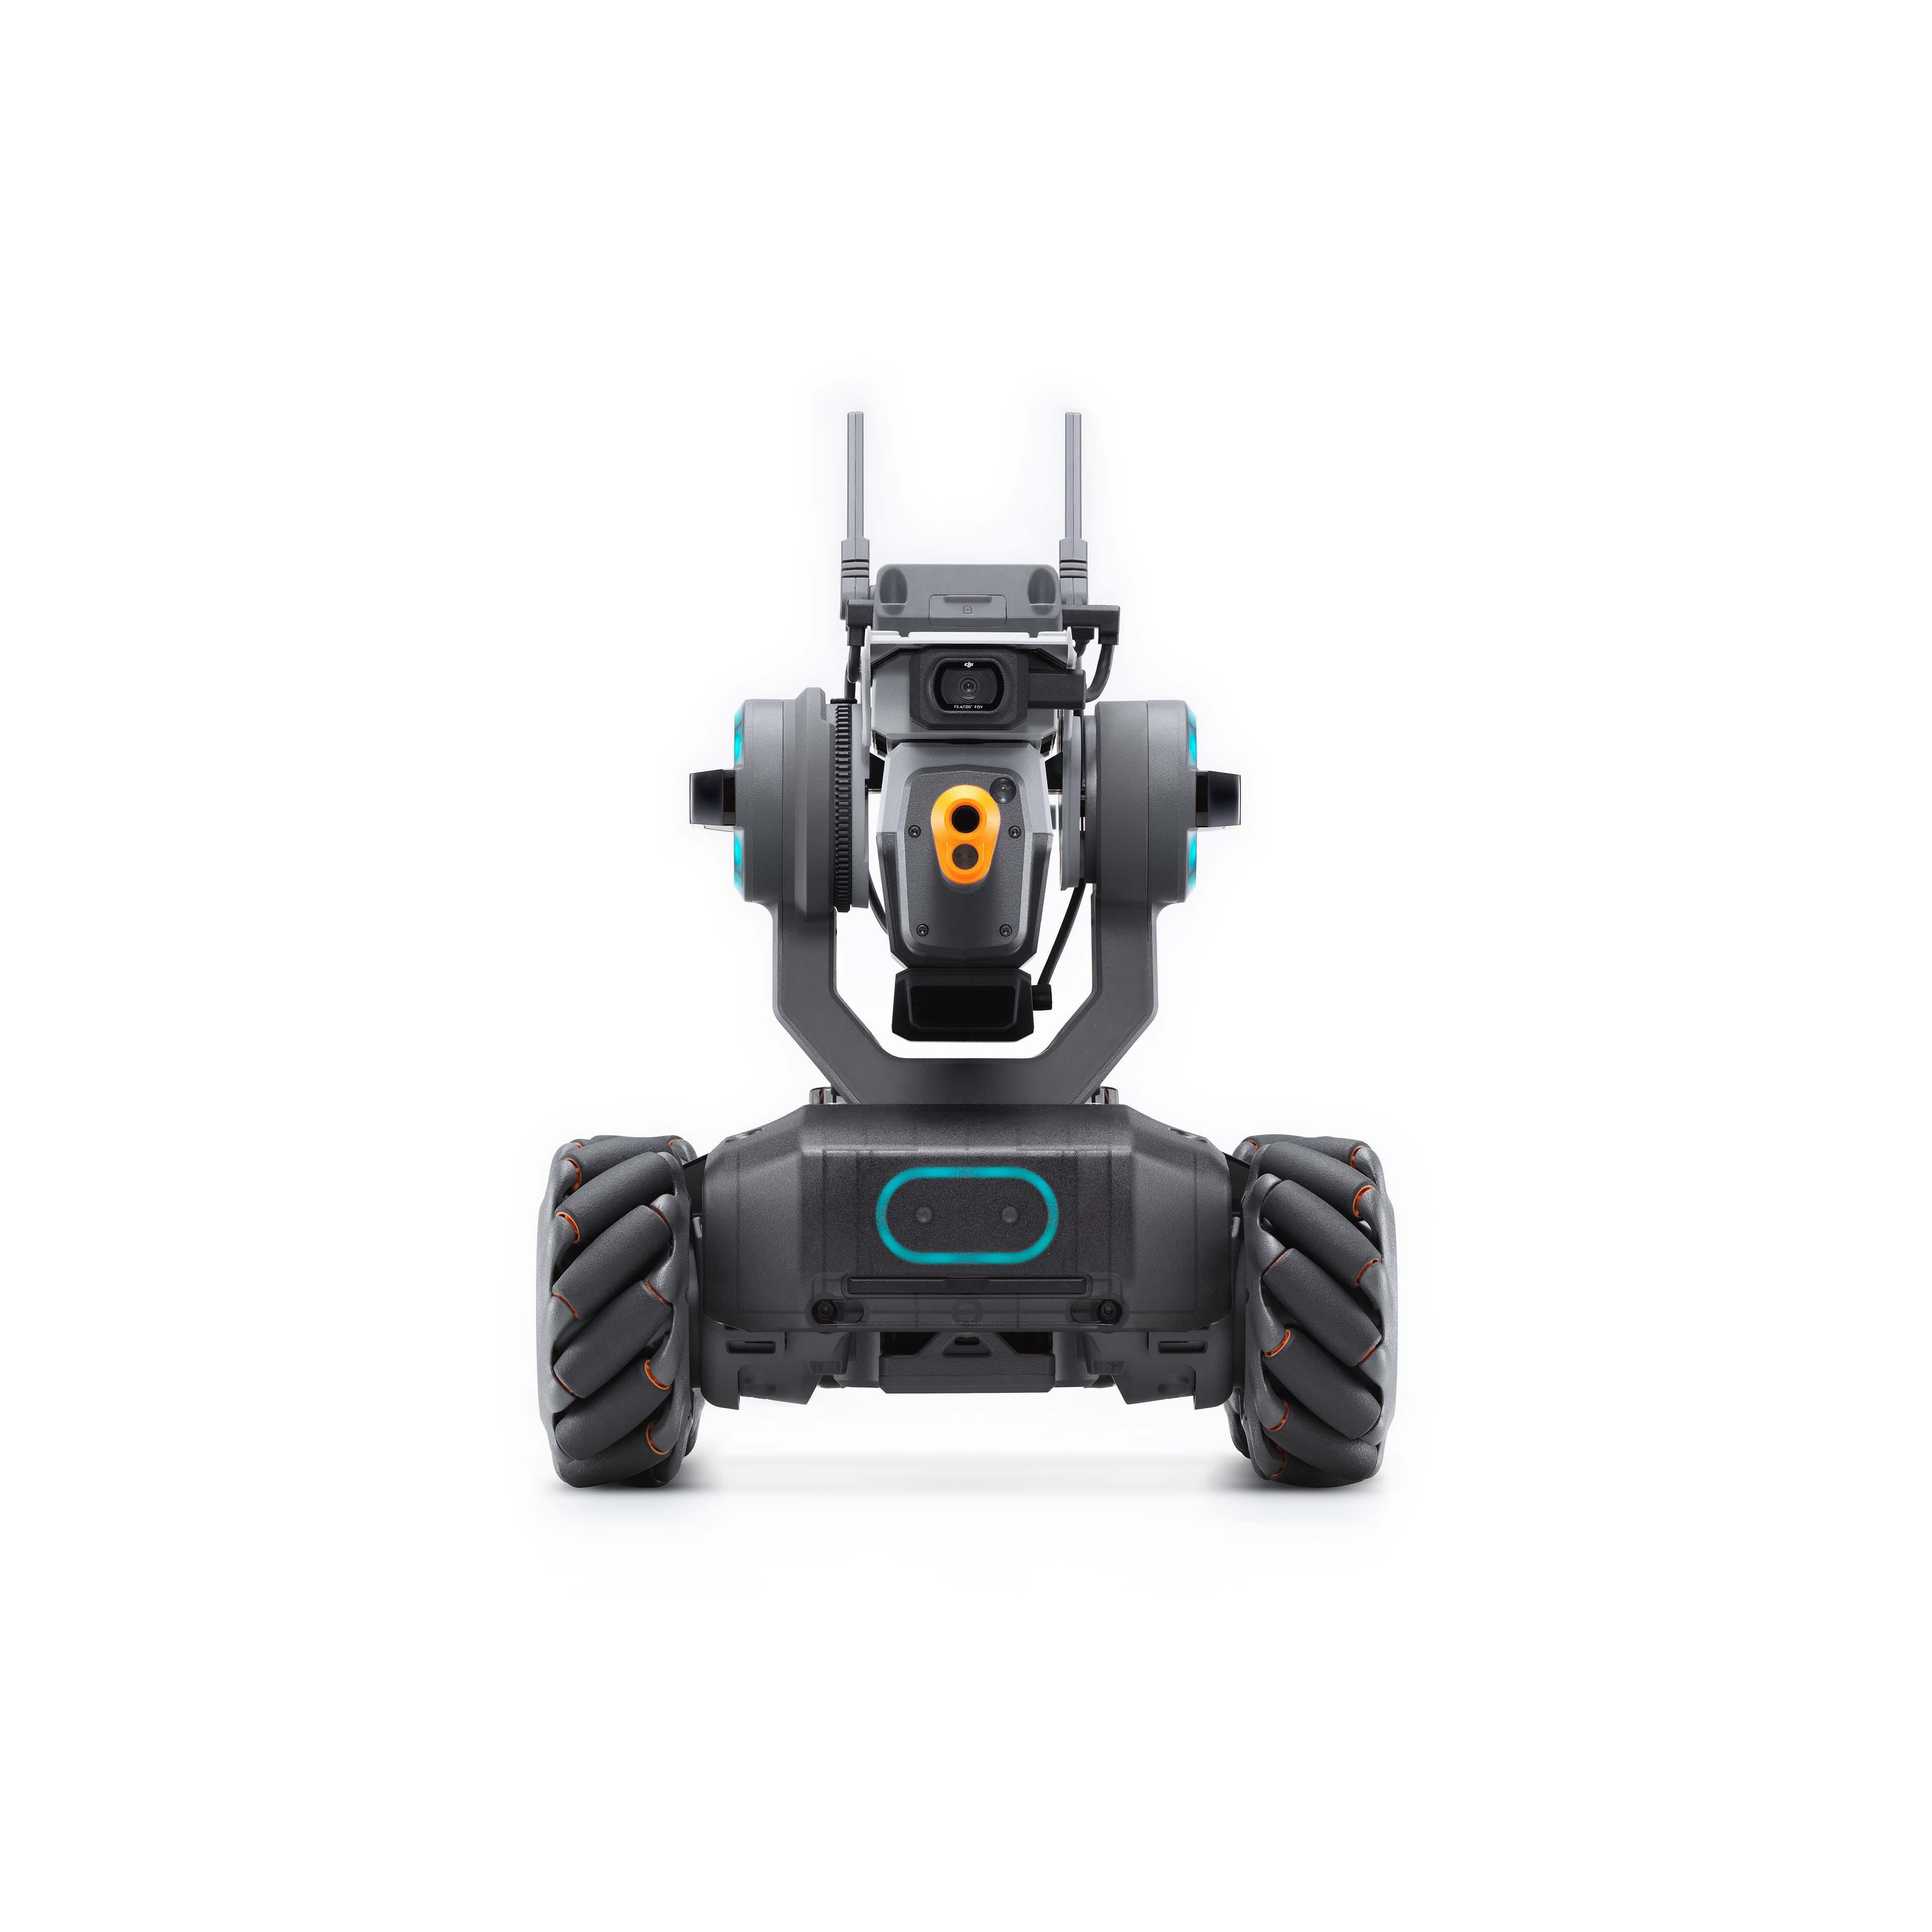 DJI ROBOMASTER S1 - NOIR- image 4